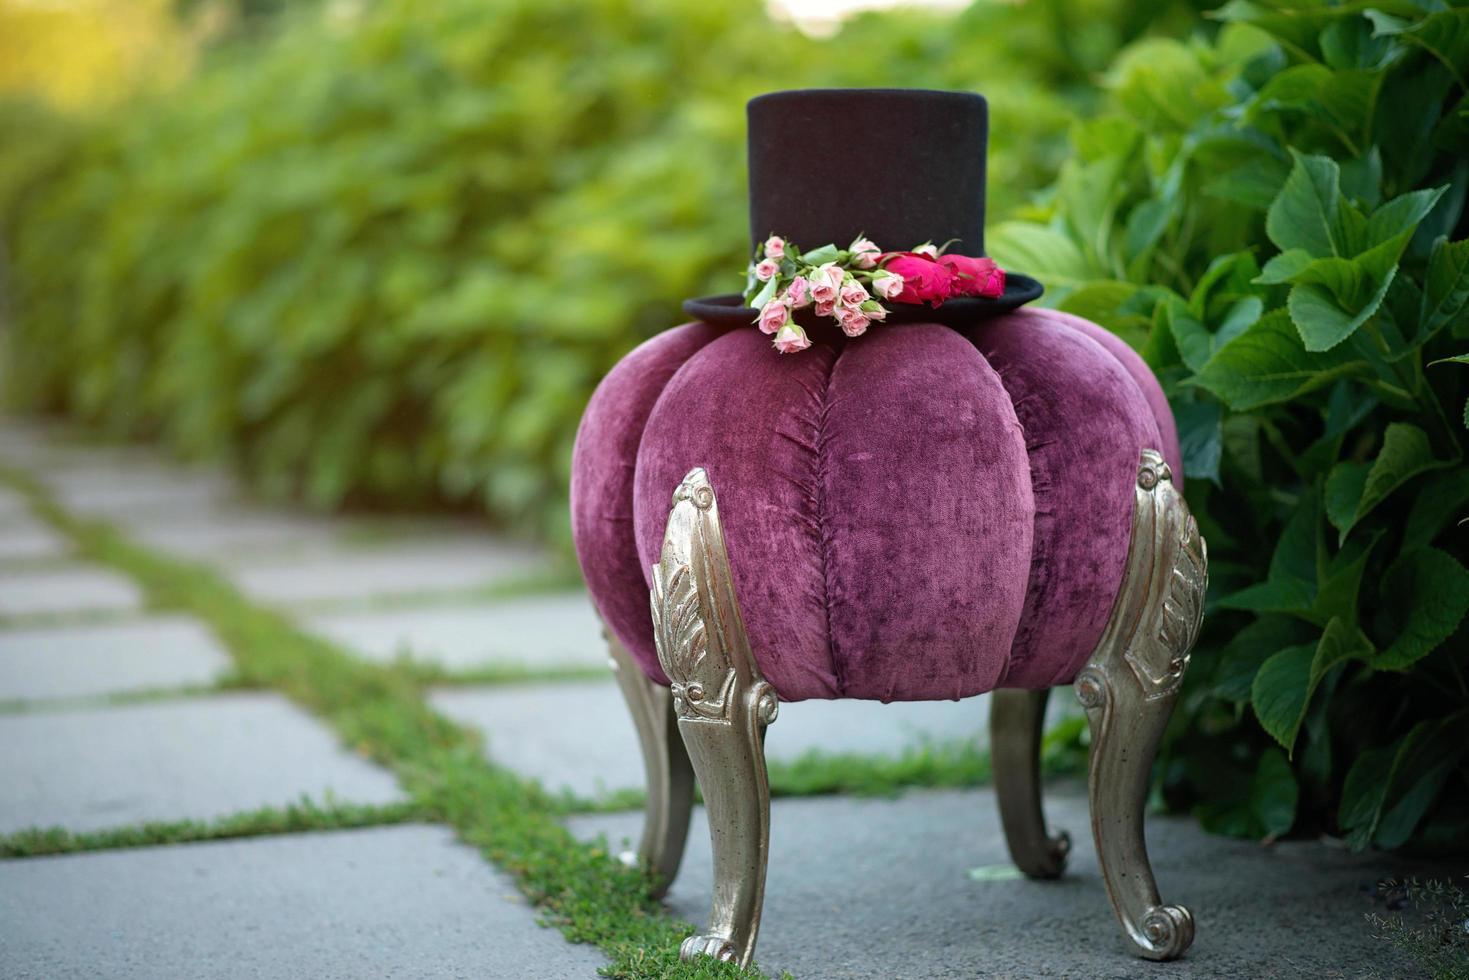 Alice in Wonderland. hoed cilinder versierd met bloemen rozen op een decoratieve paarse poef. zachte selectieve focus. foto